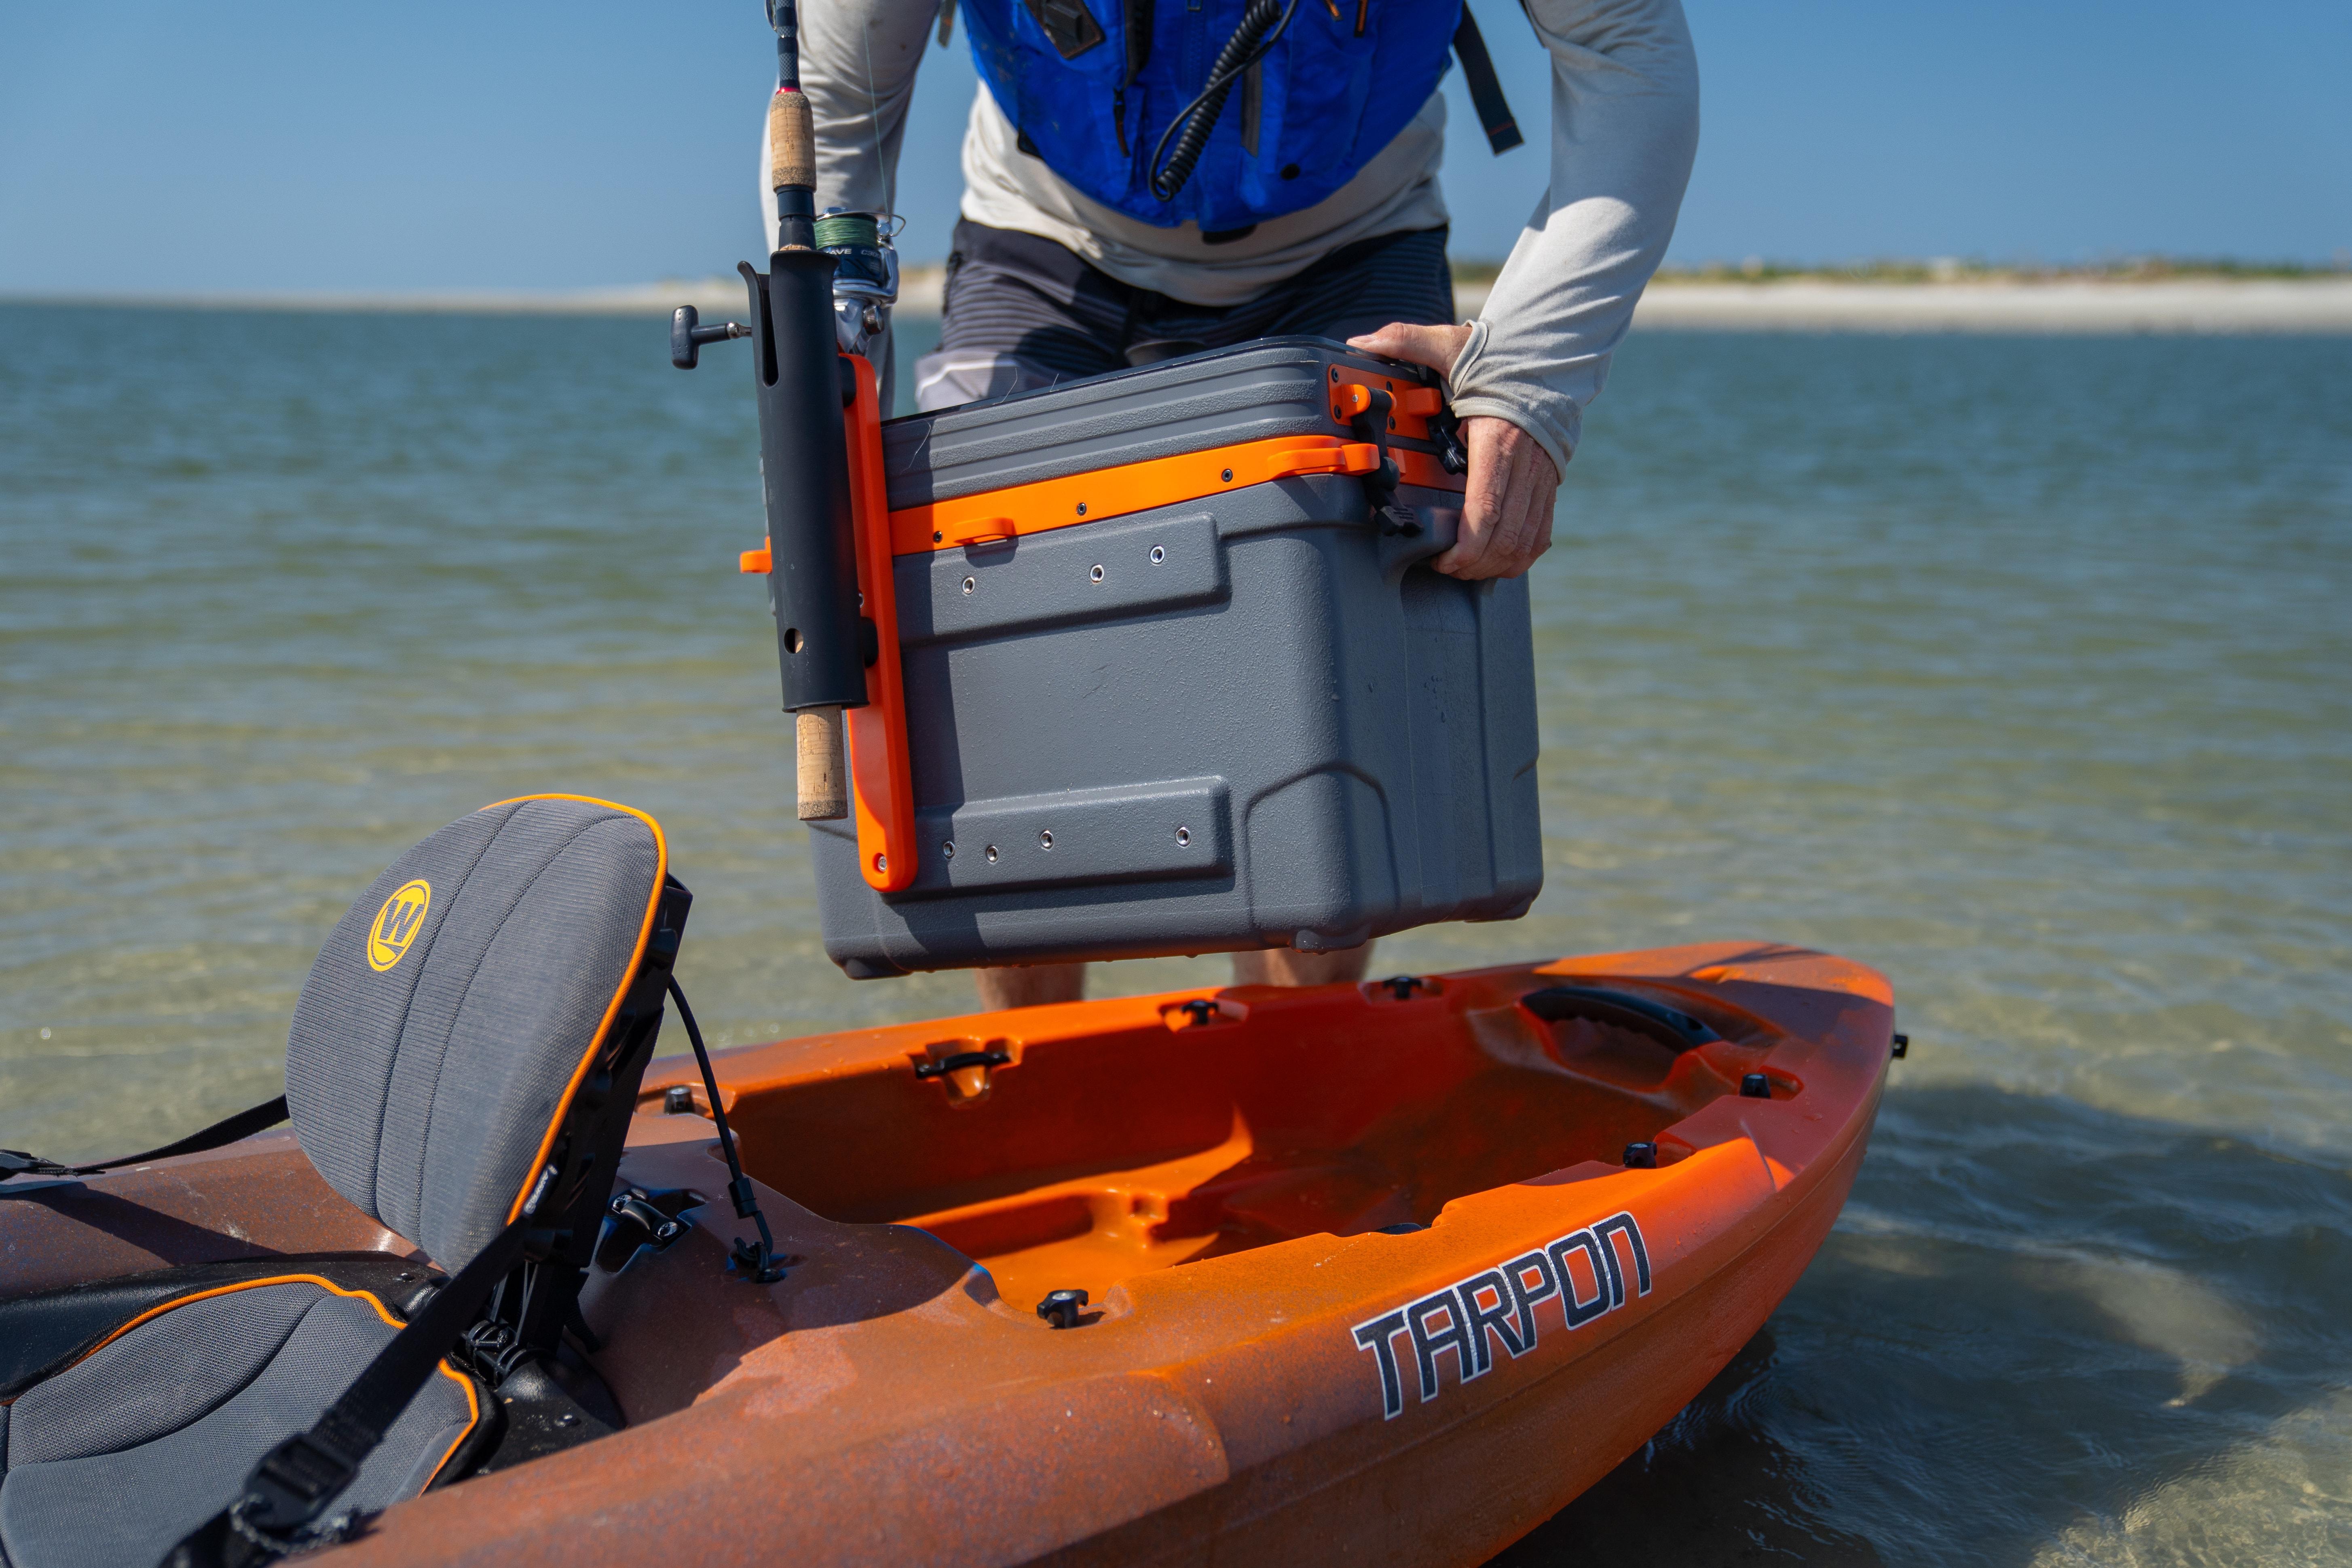 Stern Storage Tankewell - Tarpon 105 Kayak